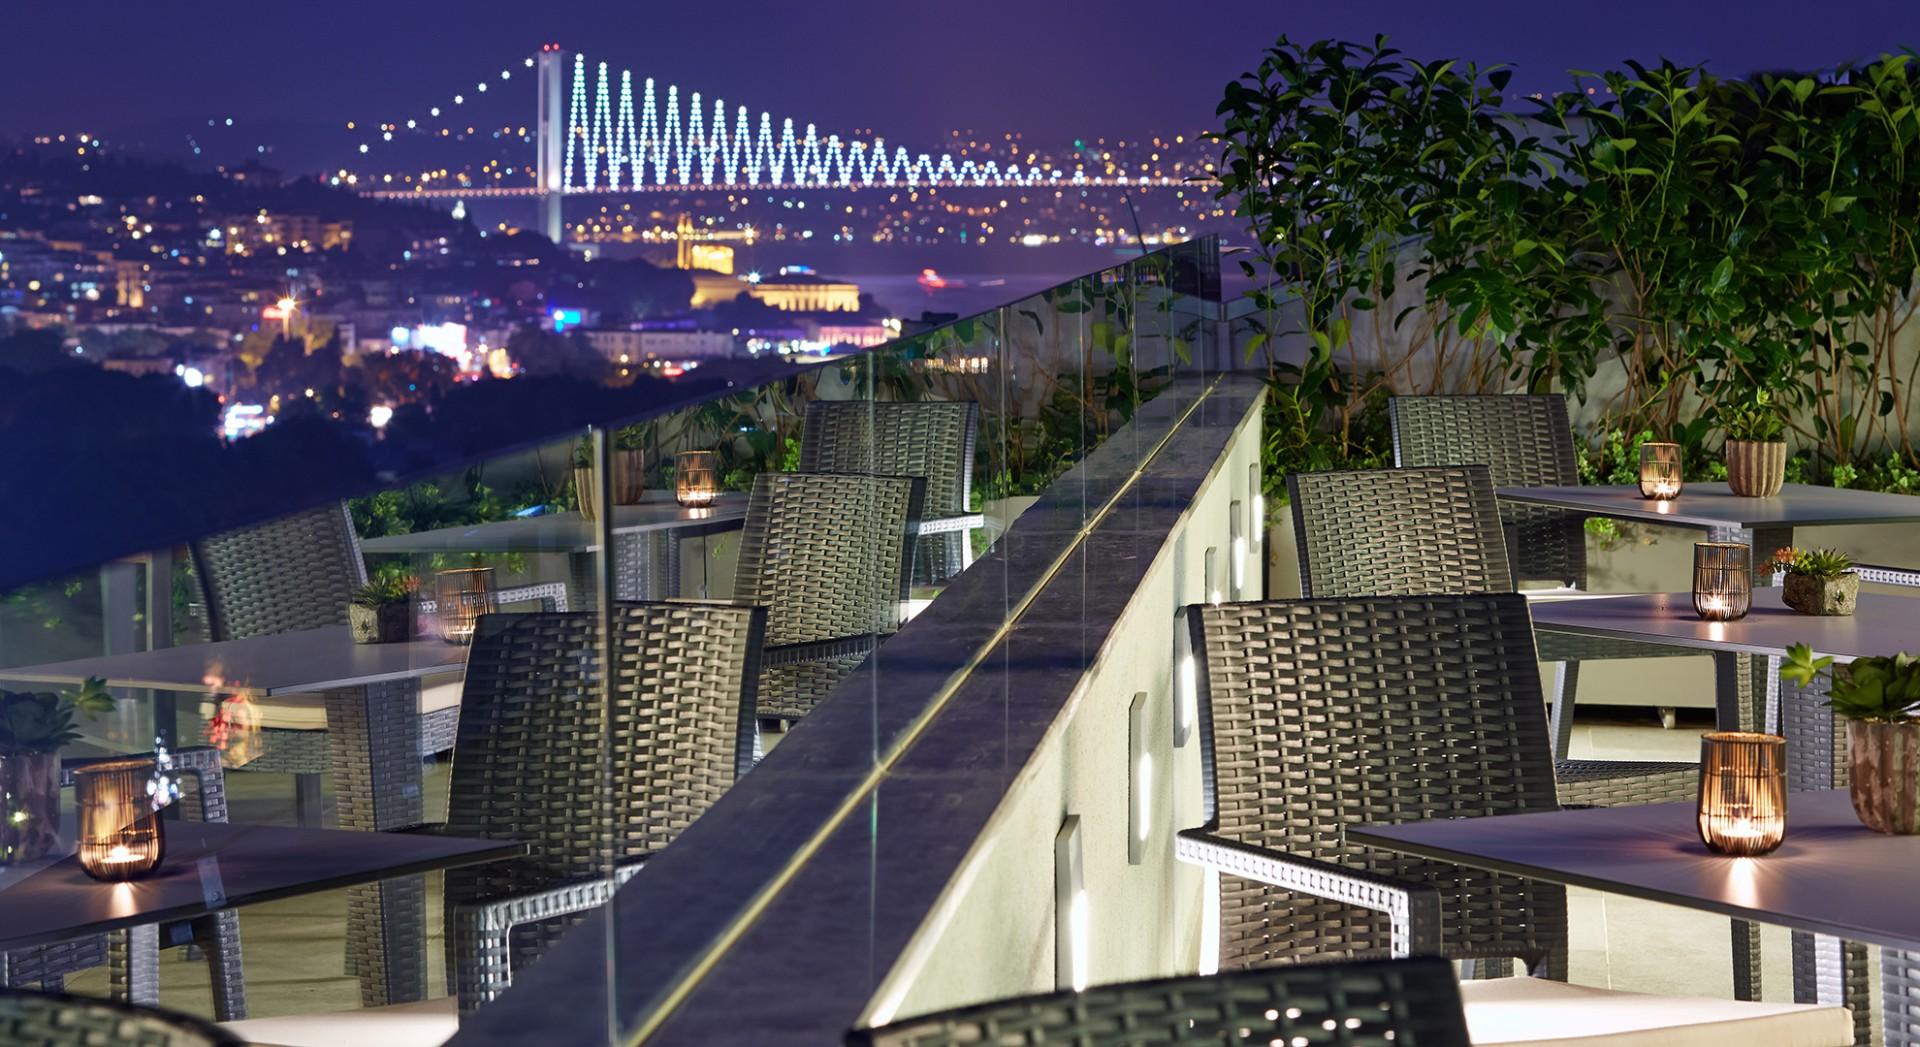 Mercure taksim hotel istanbul hotels near taksim square for Istanbul taksim hotels